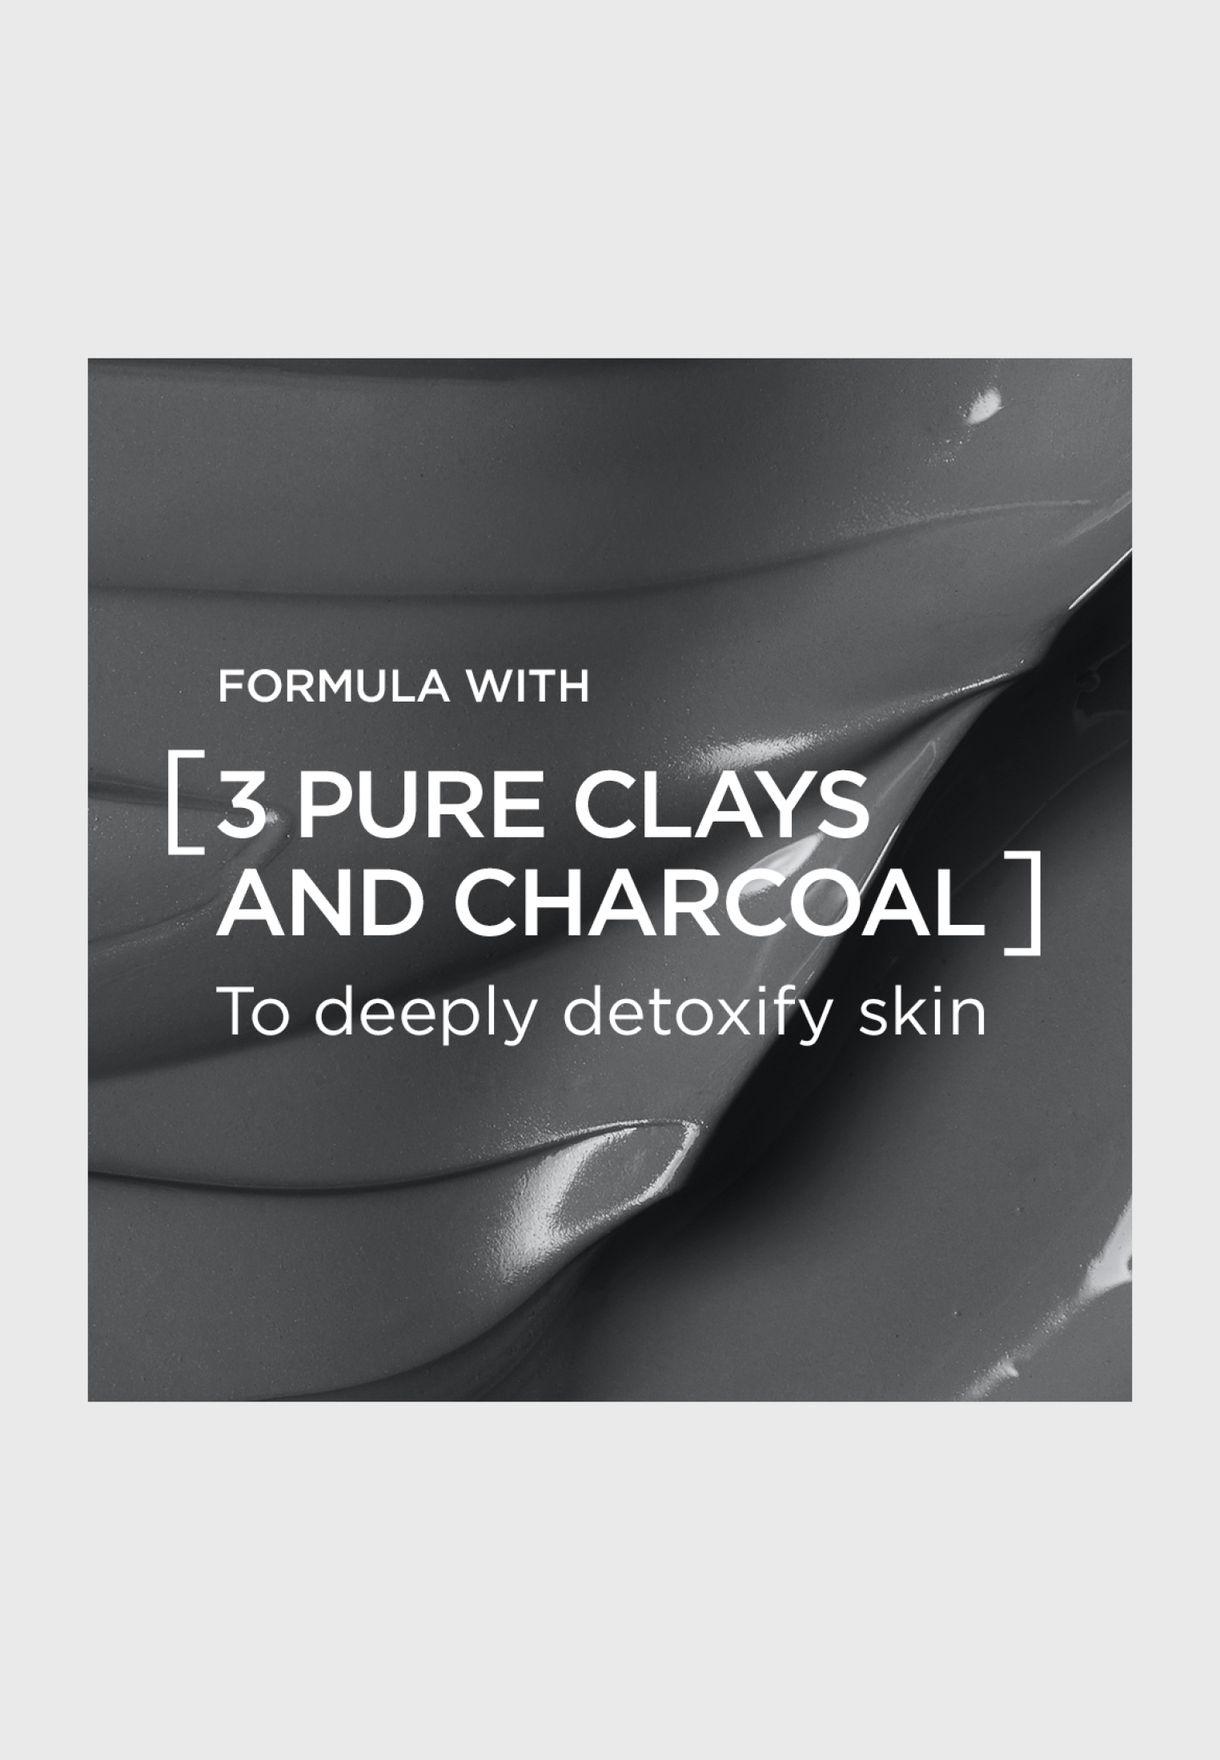 ماسك الطين النقي مع الفحم لنقاء البشرة